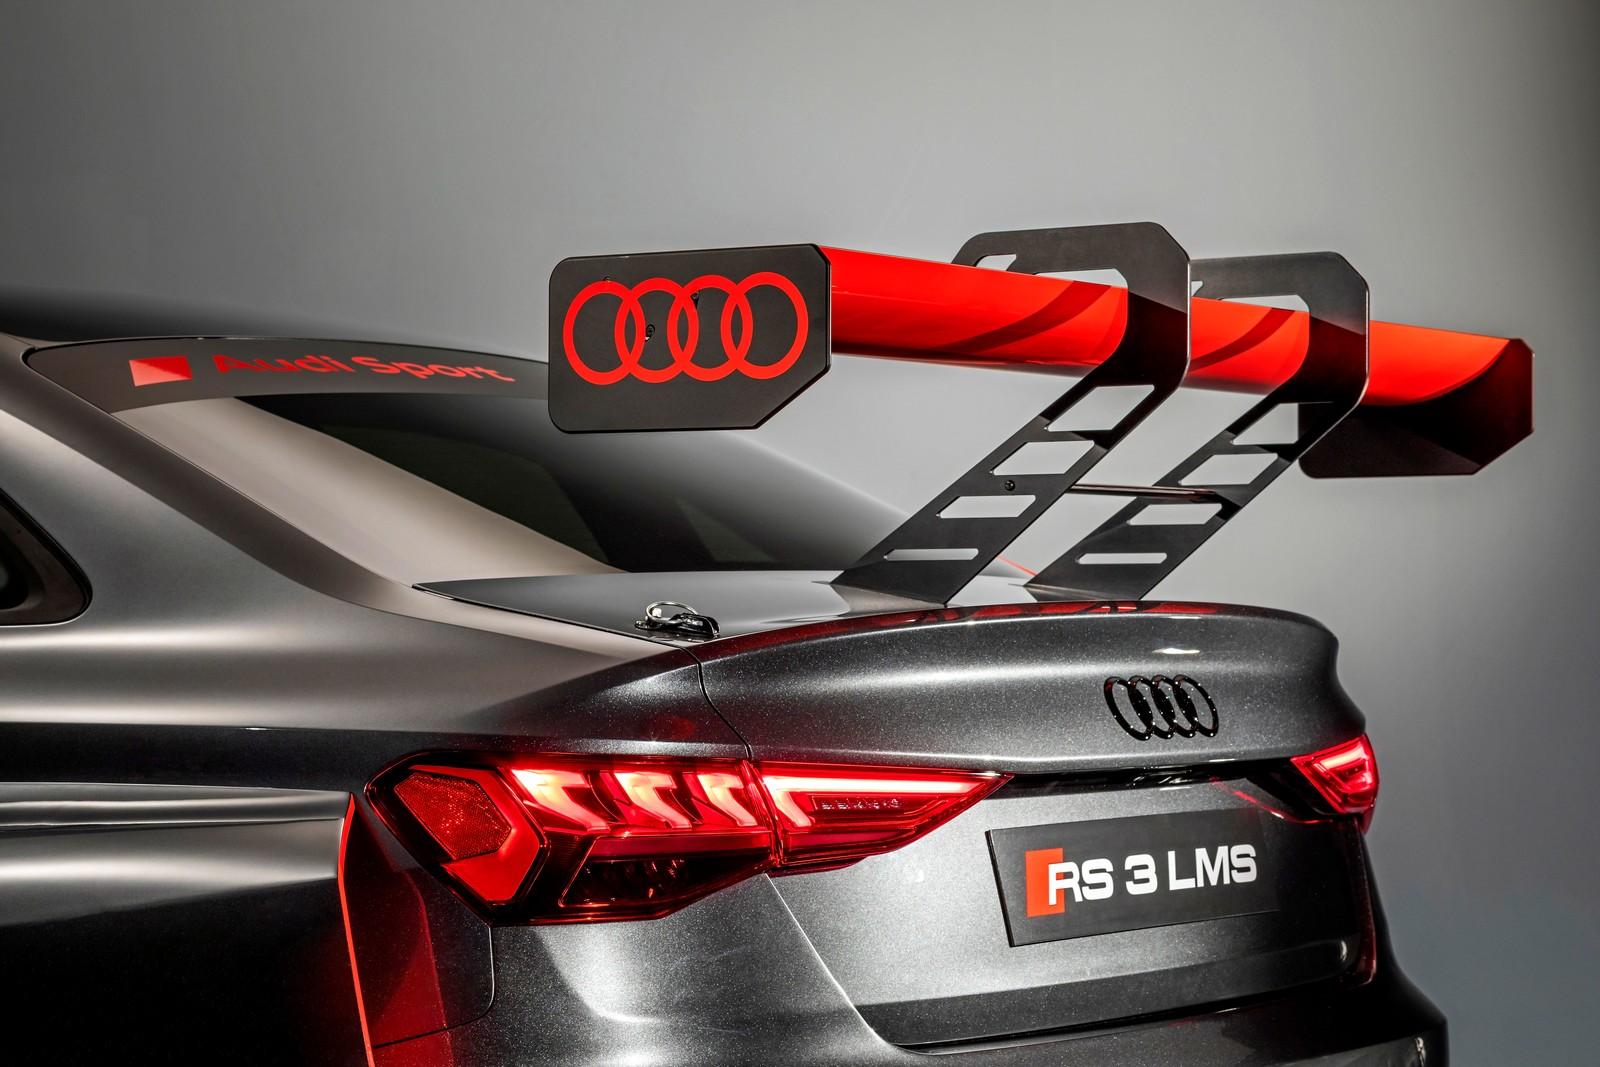 Audi RS3 LMS TCR. Dettaglio dell'alettone posteriore